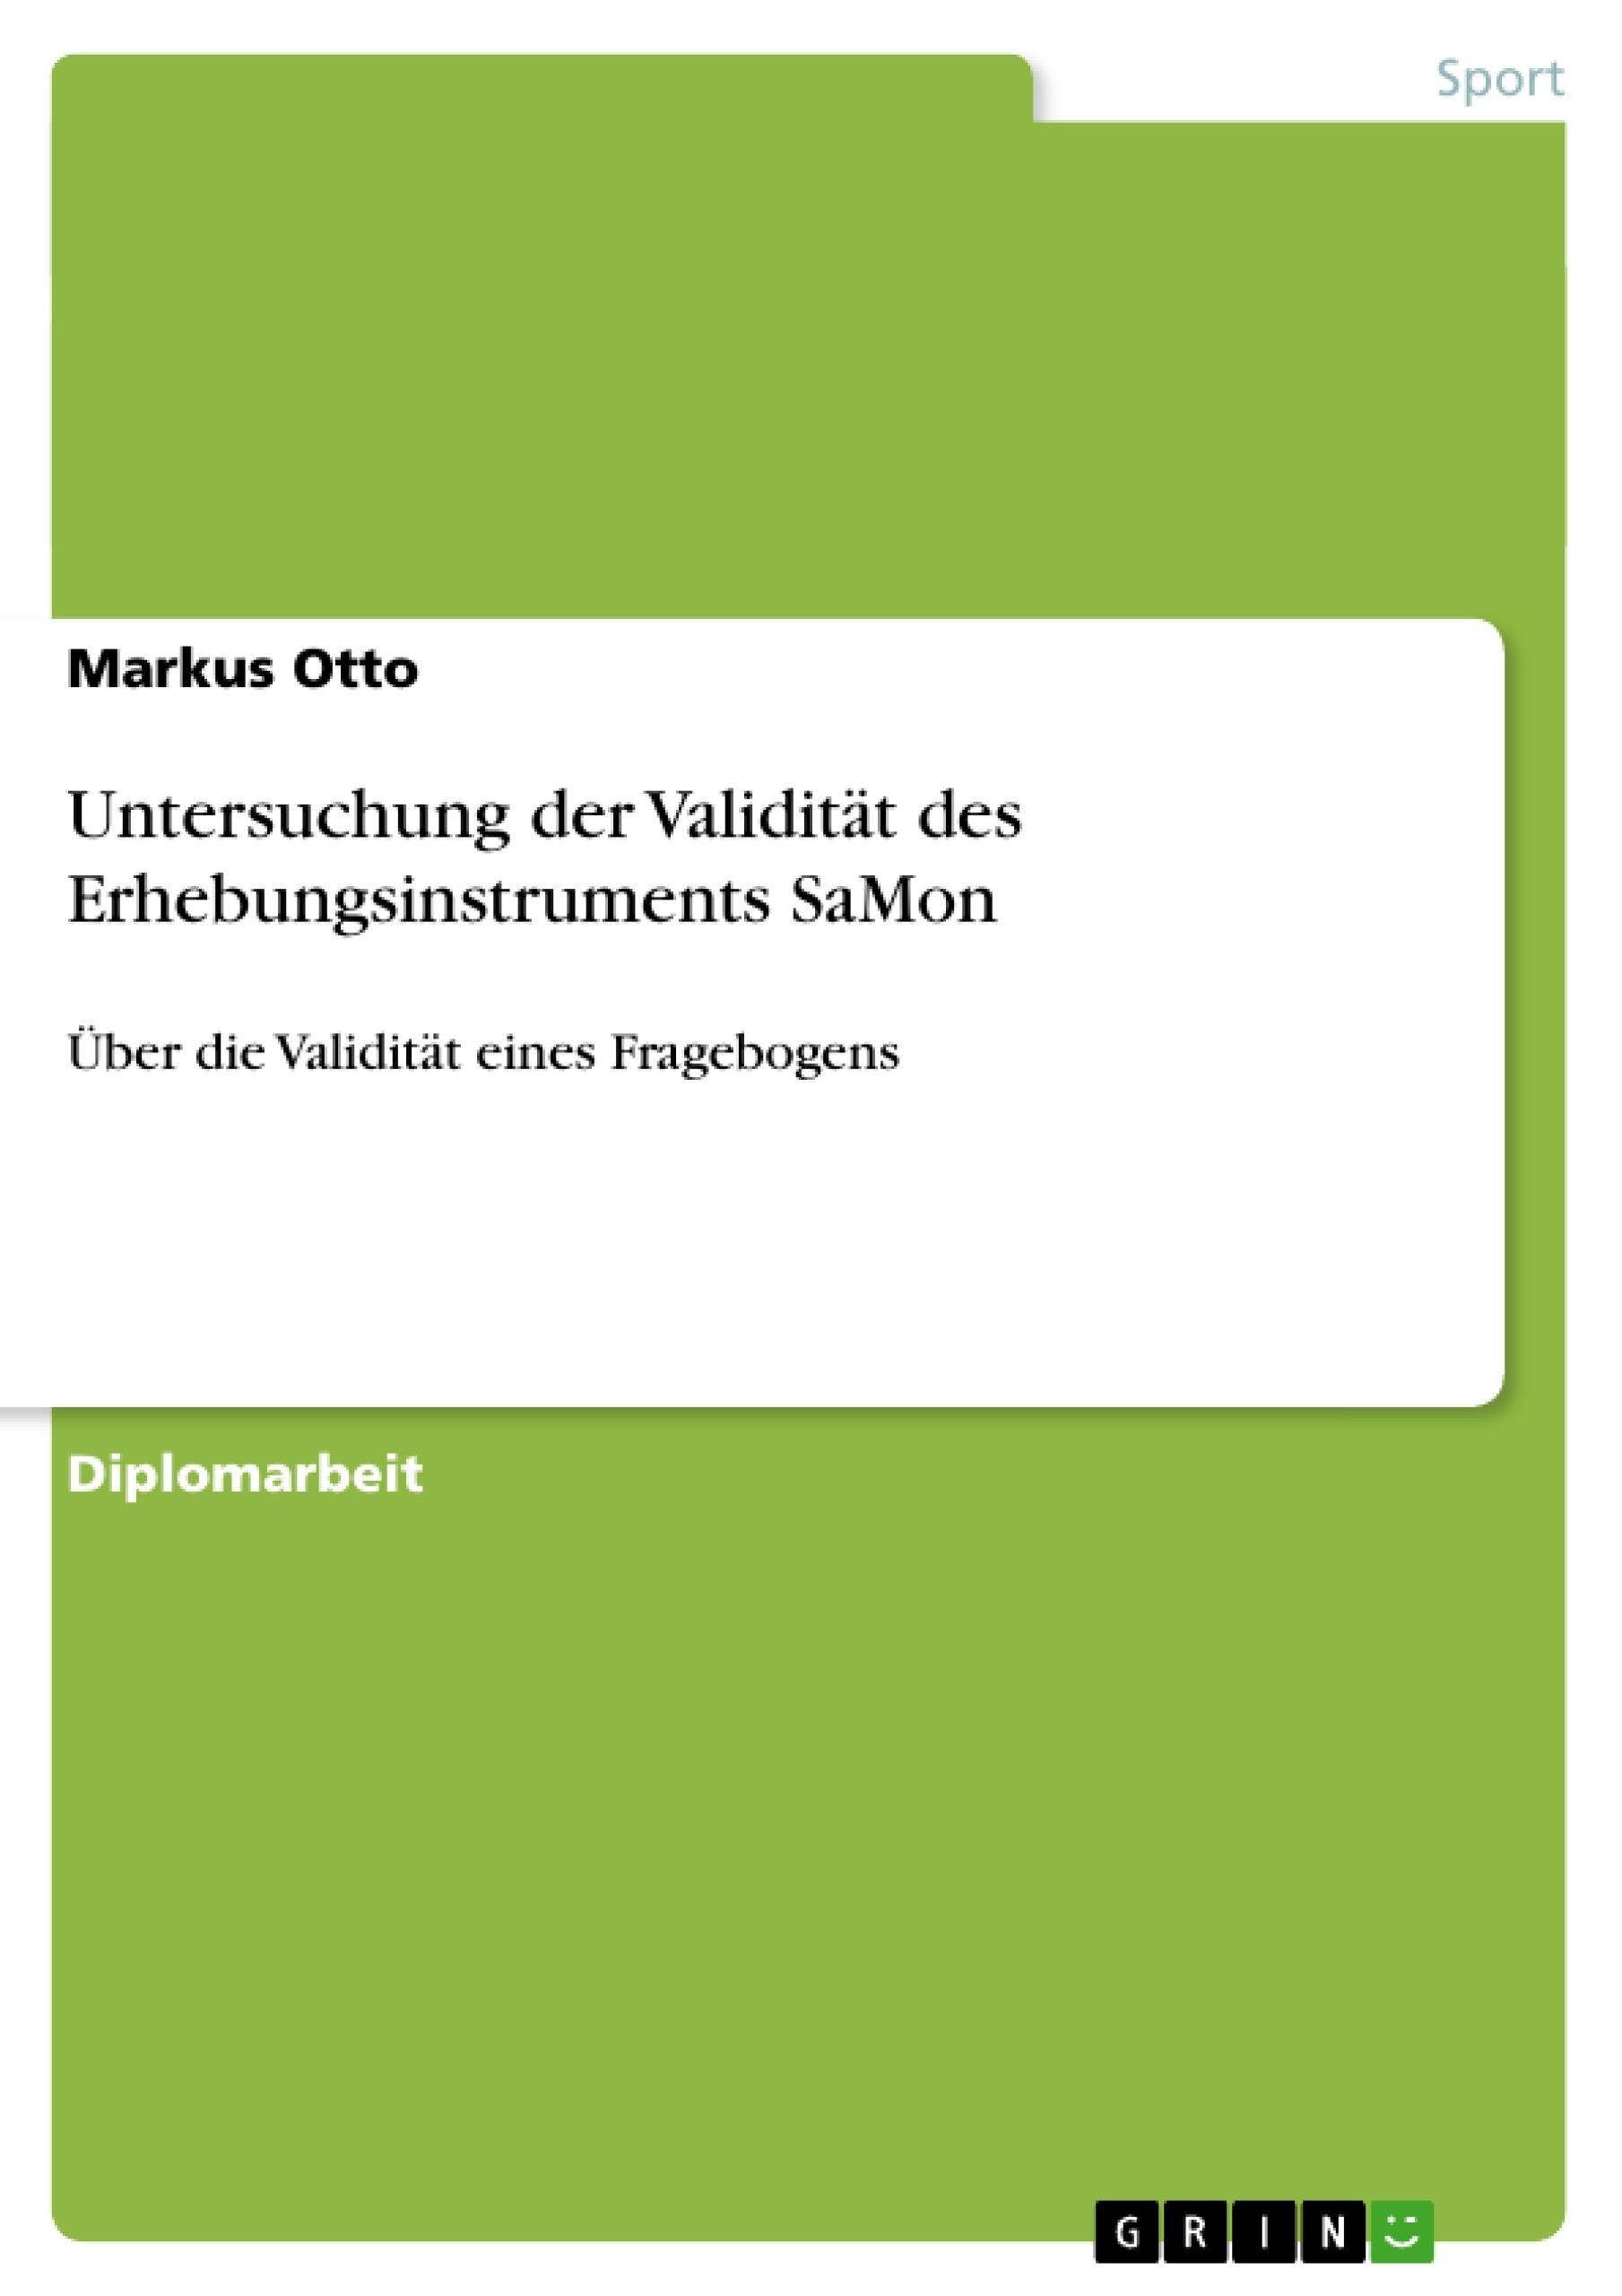 Titel: Untersuchung der Validität des Erhebungsinstruments SaMon